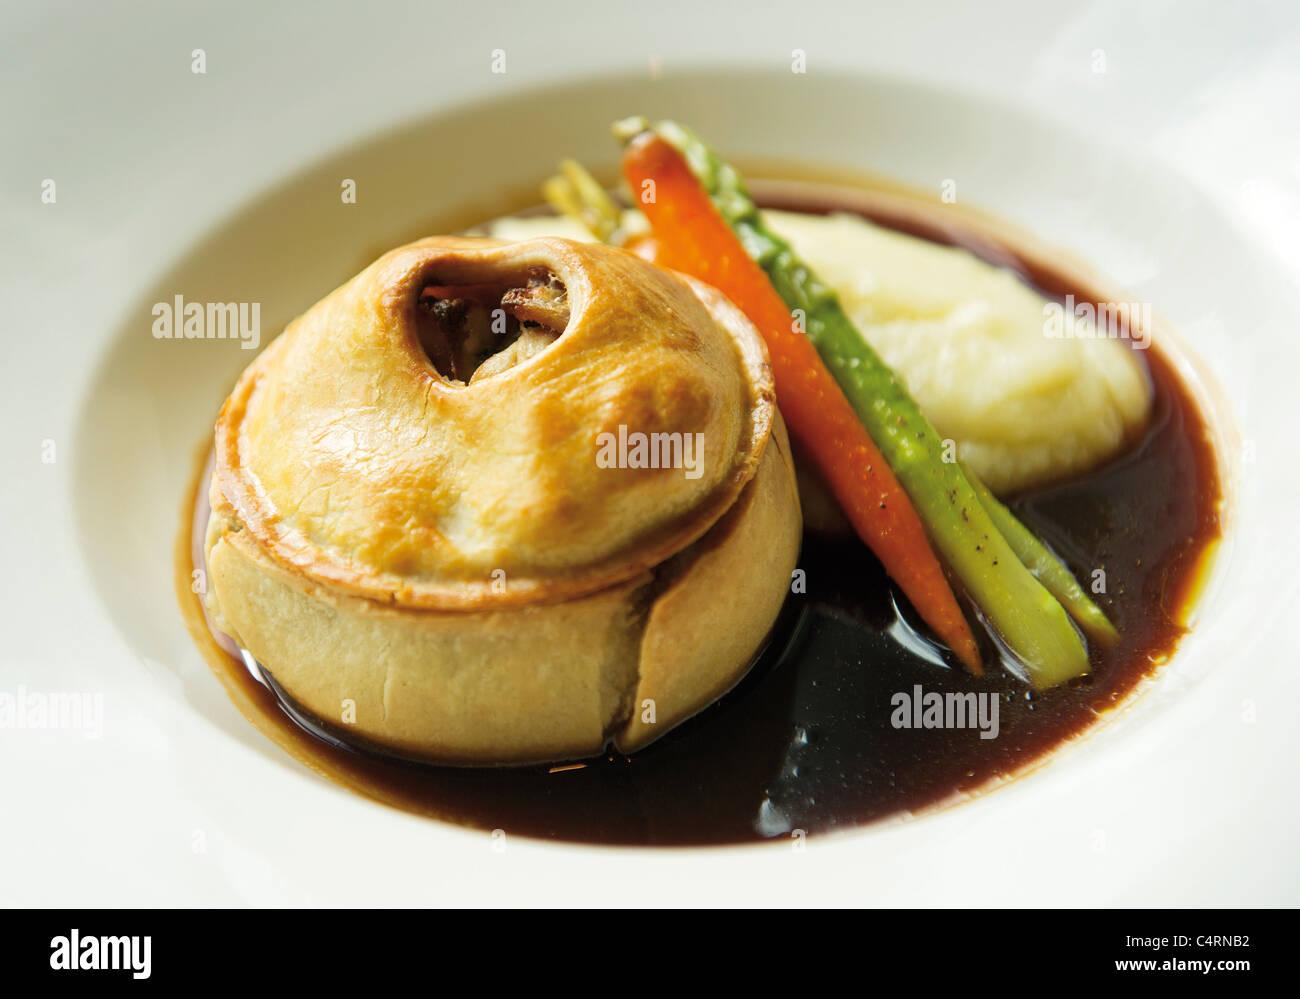 Chicken, ham and mushroom pie dish - Stock Image